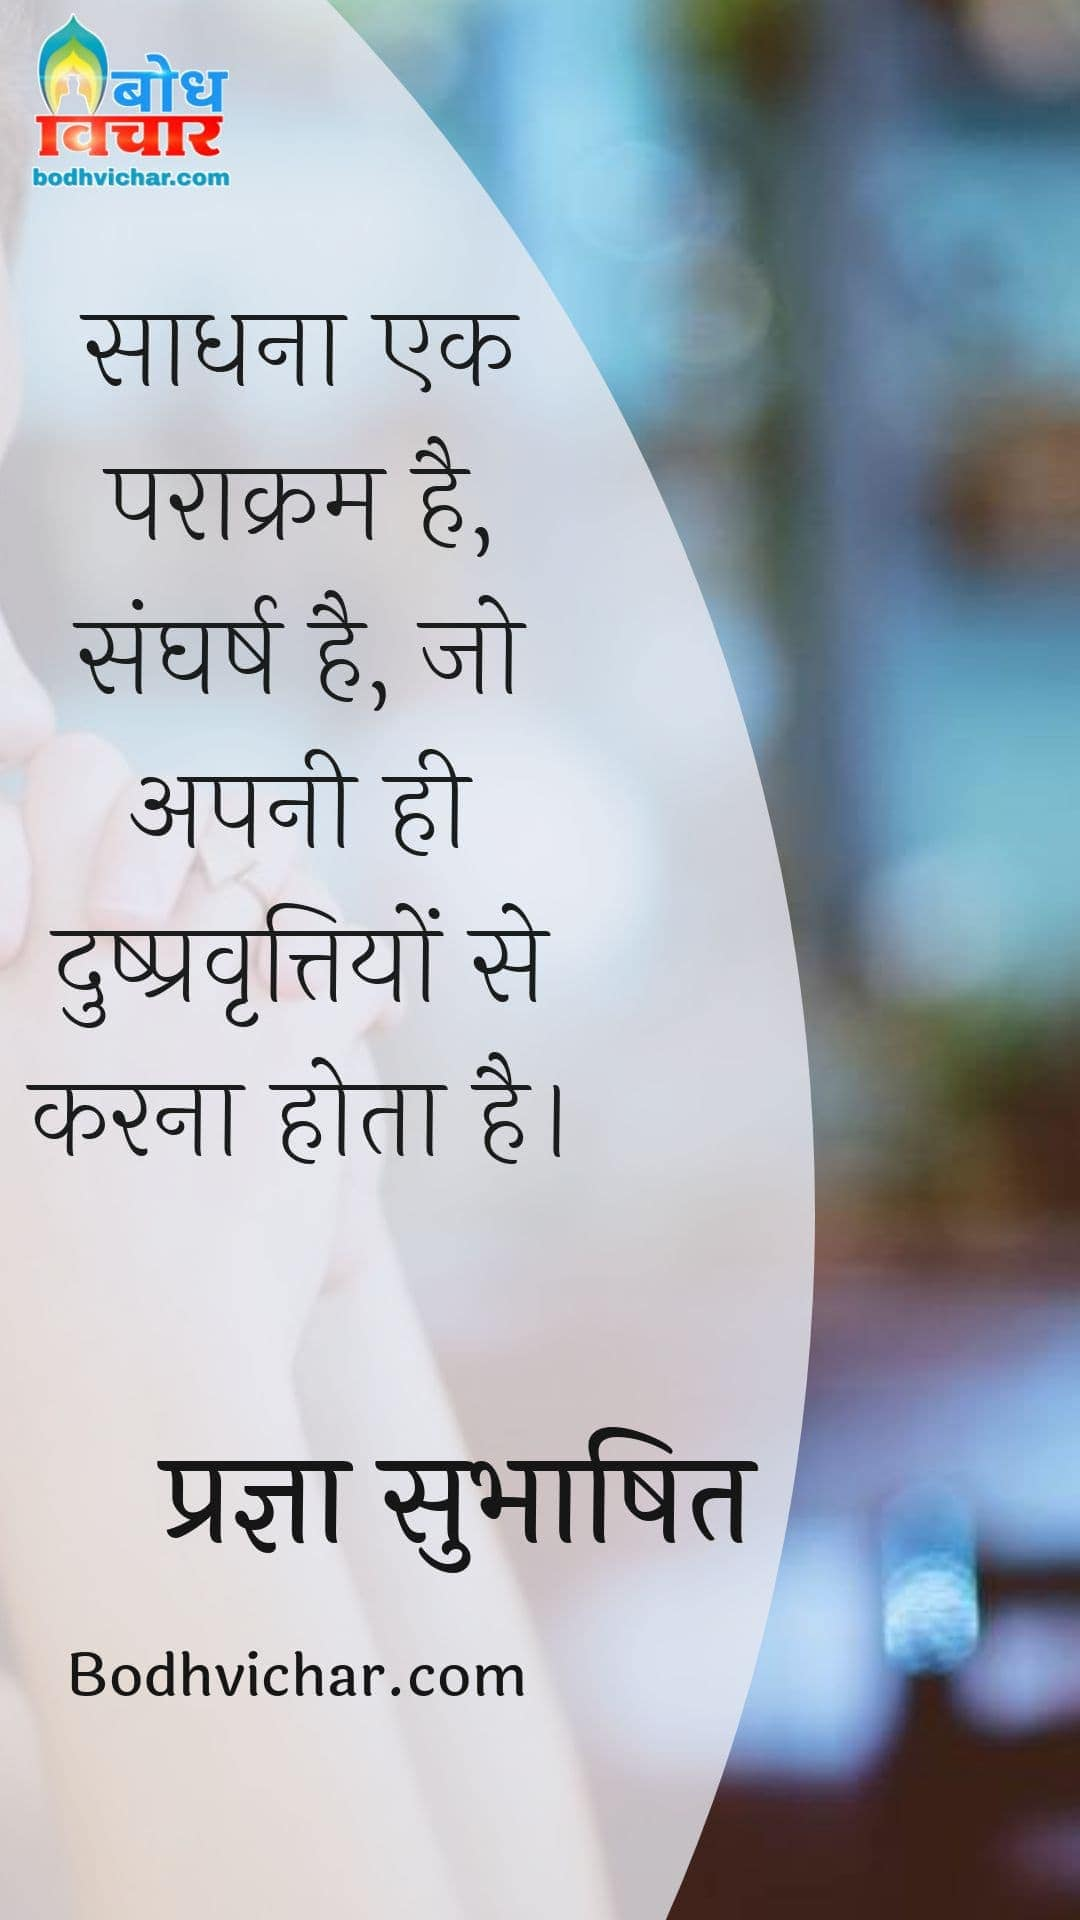 साधना एक पराक्रम है, संघर्ष है, जो अपनी ही दुष्प्रवृत्तियों से करना होता है। : Saadhana ek paraakram hai, sangharsh hai jo apni hi dushpravrittiyo se karna hot hai. - प्रज्ञा सुभाषित